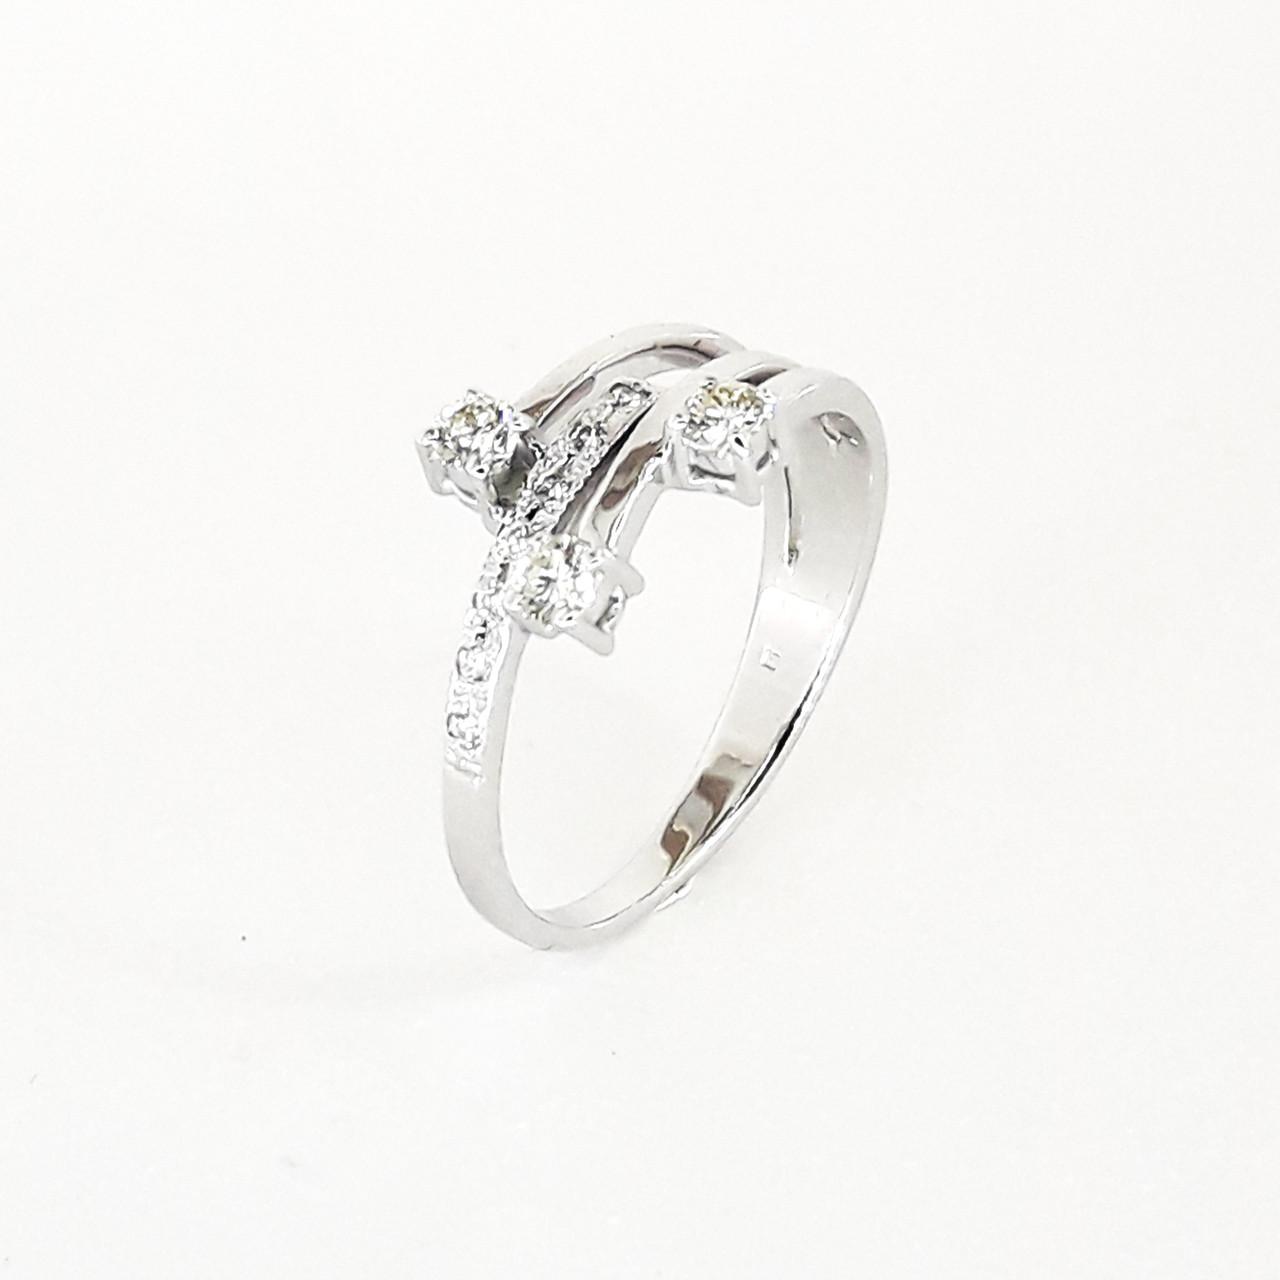 Кільце в білому золоті 585 проби з діамантами